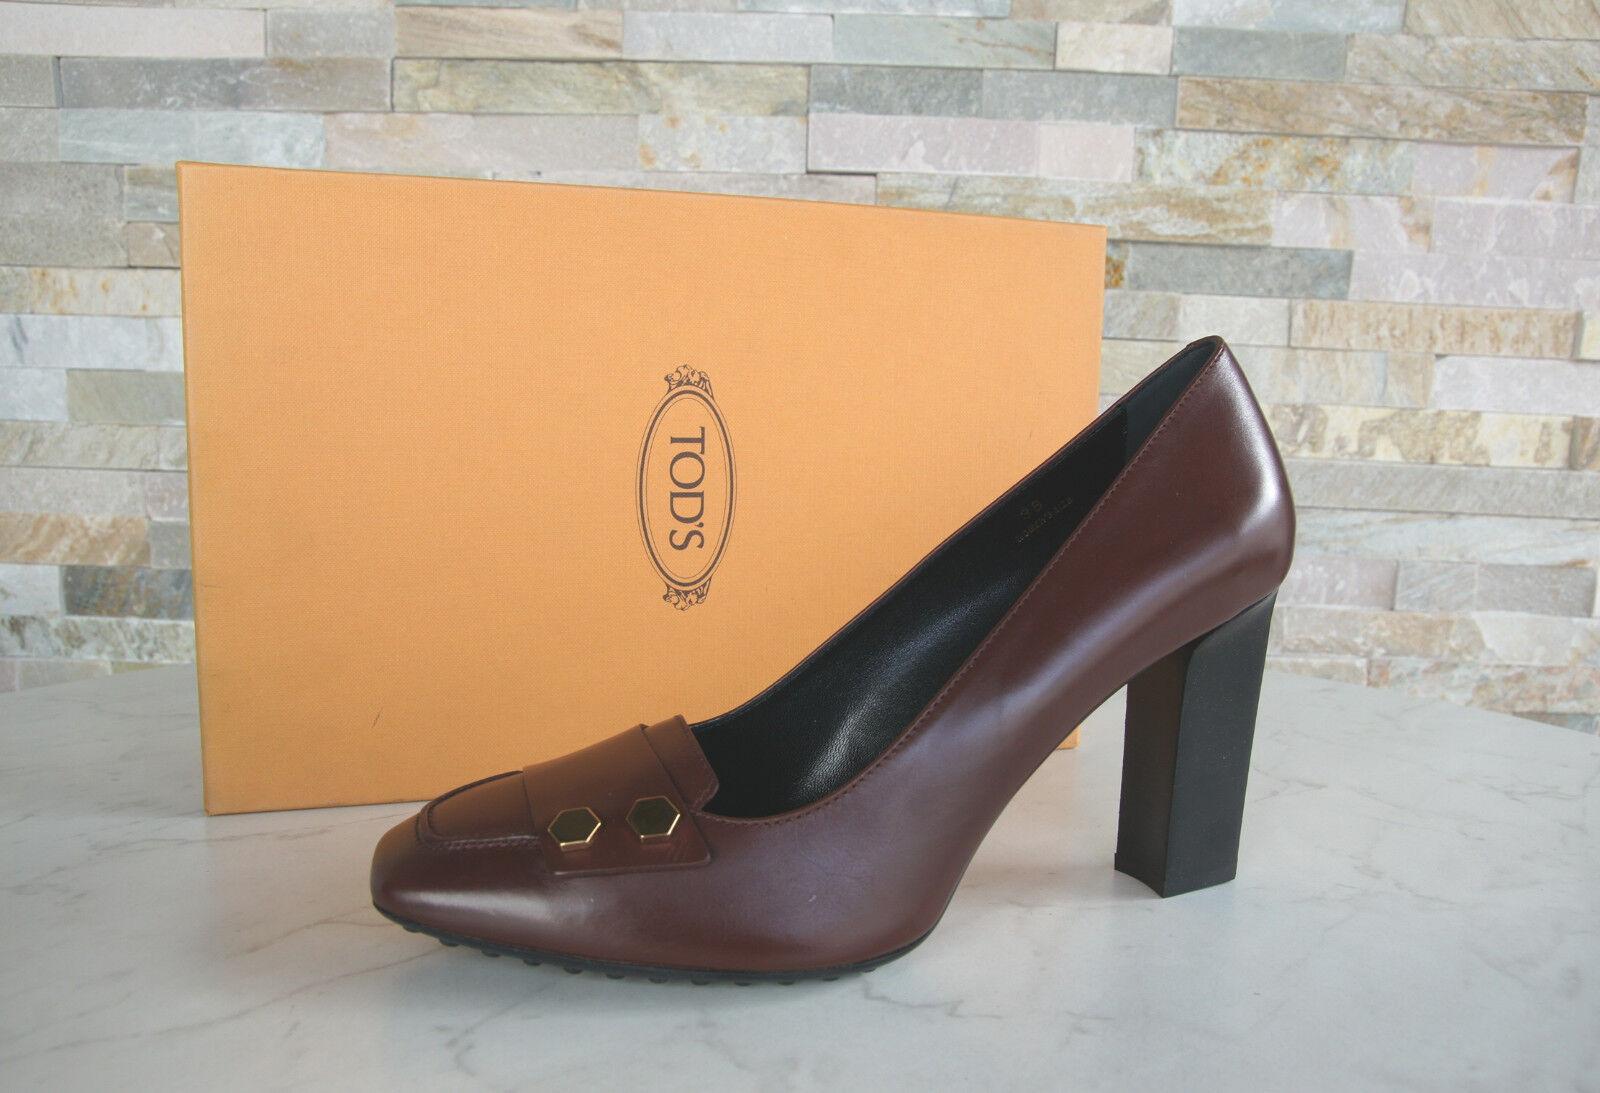 Tods Tod's Braun-rojo zapatos de salón tacón alto zapatos Braun-rojo Tod's nuevo a056f8